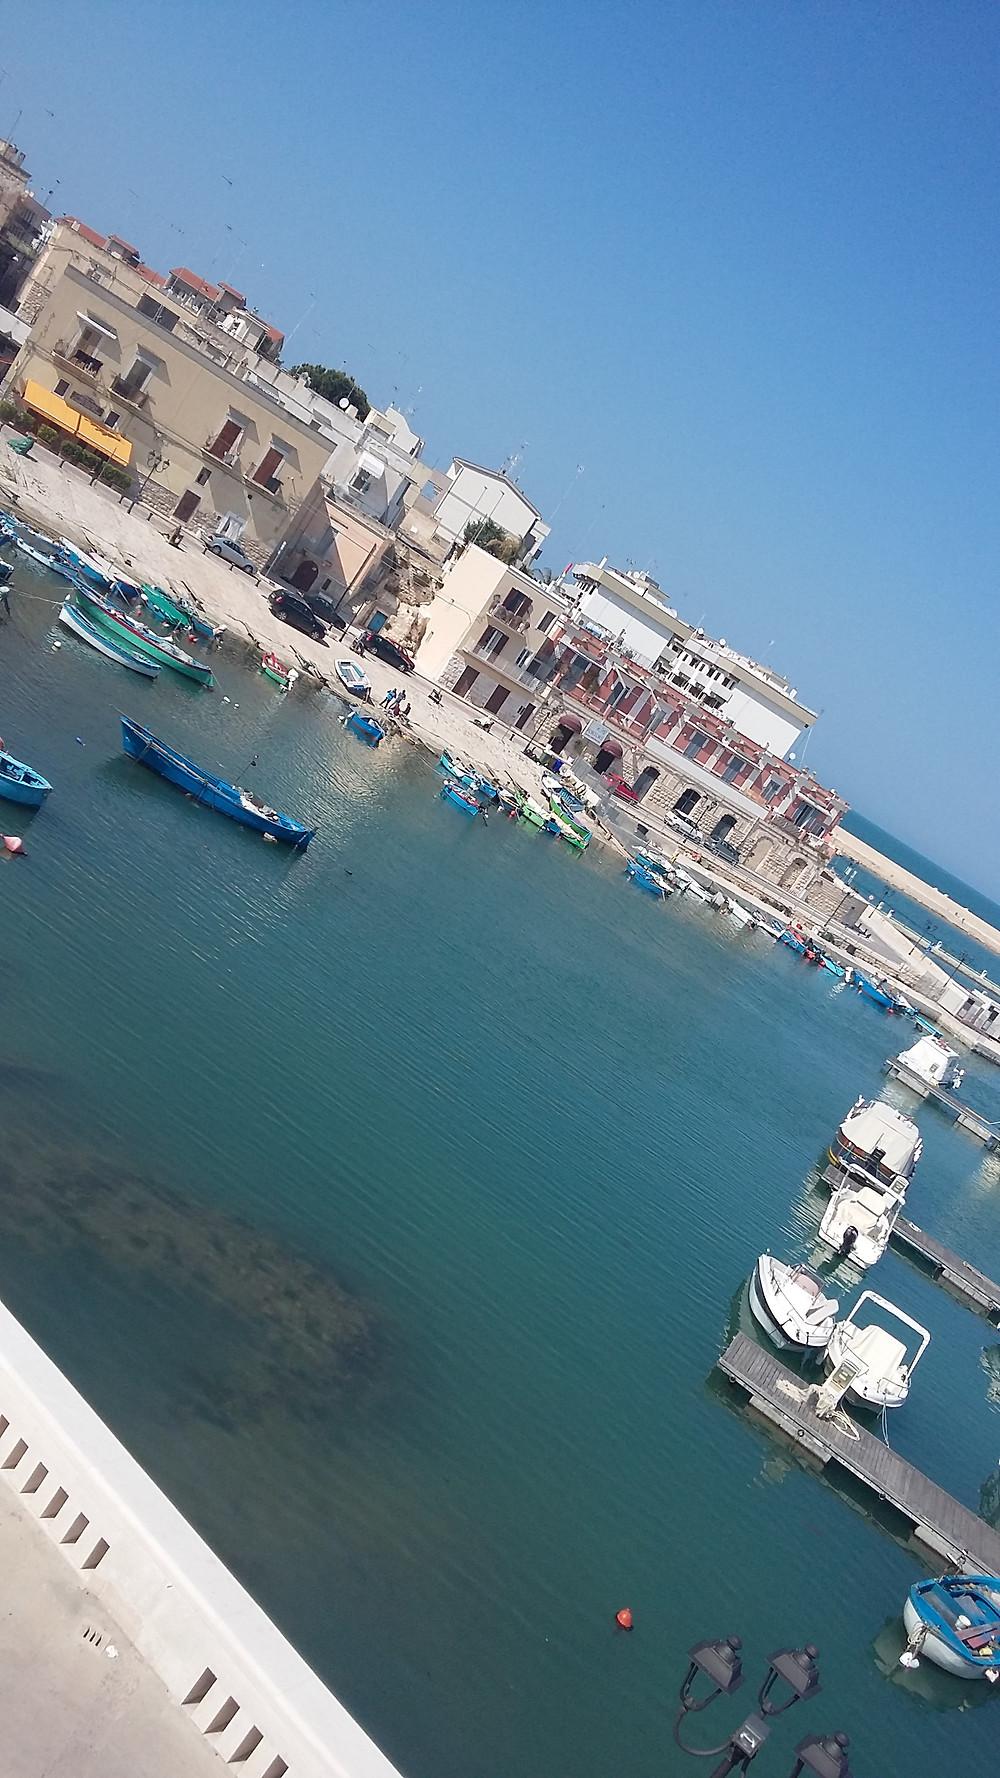 #bisceglie #porto